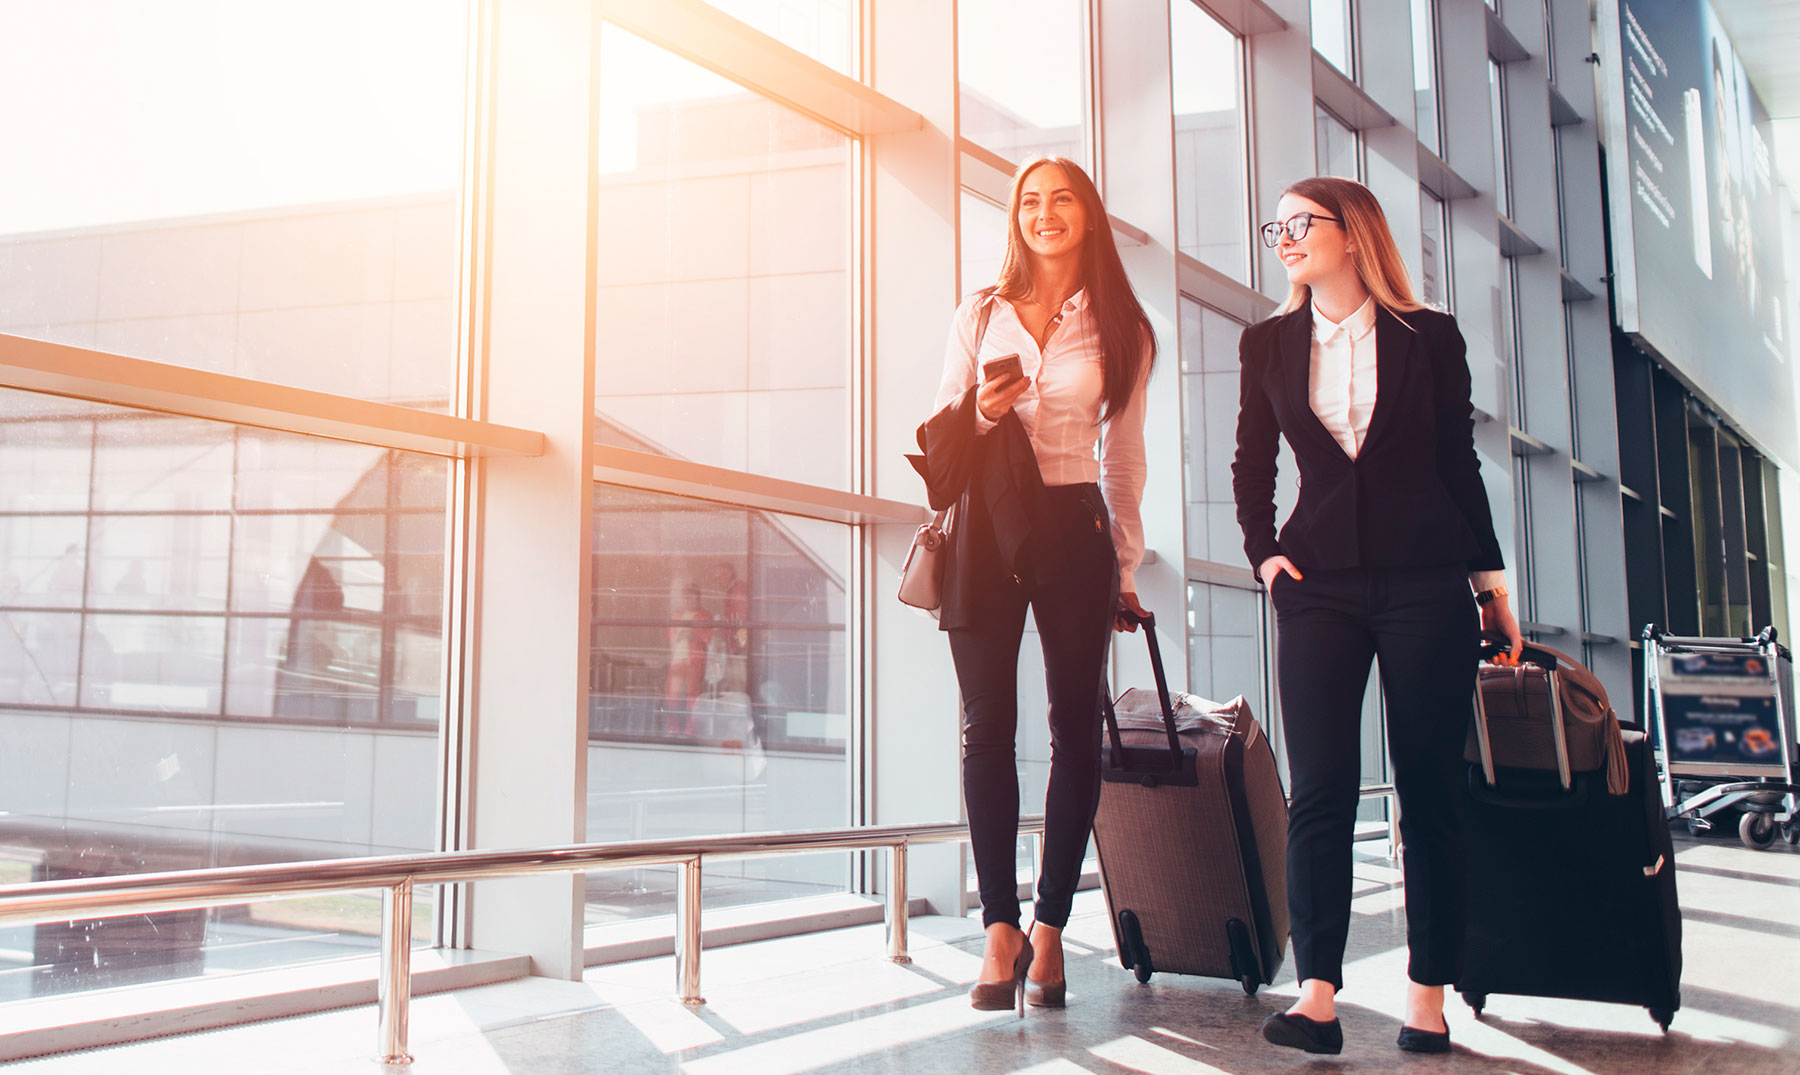 El 84% de los viajeros de negocios desea viajar con las medidas de seguridad correctas, según un nuevo estudio